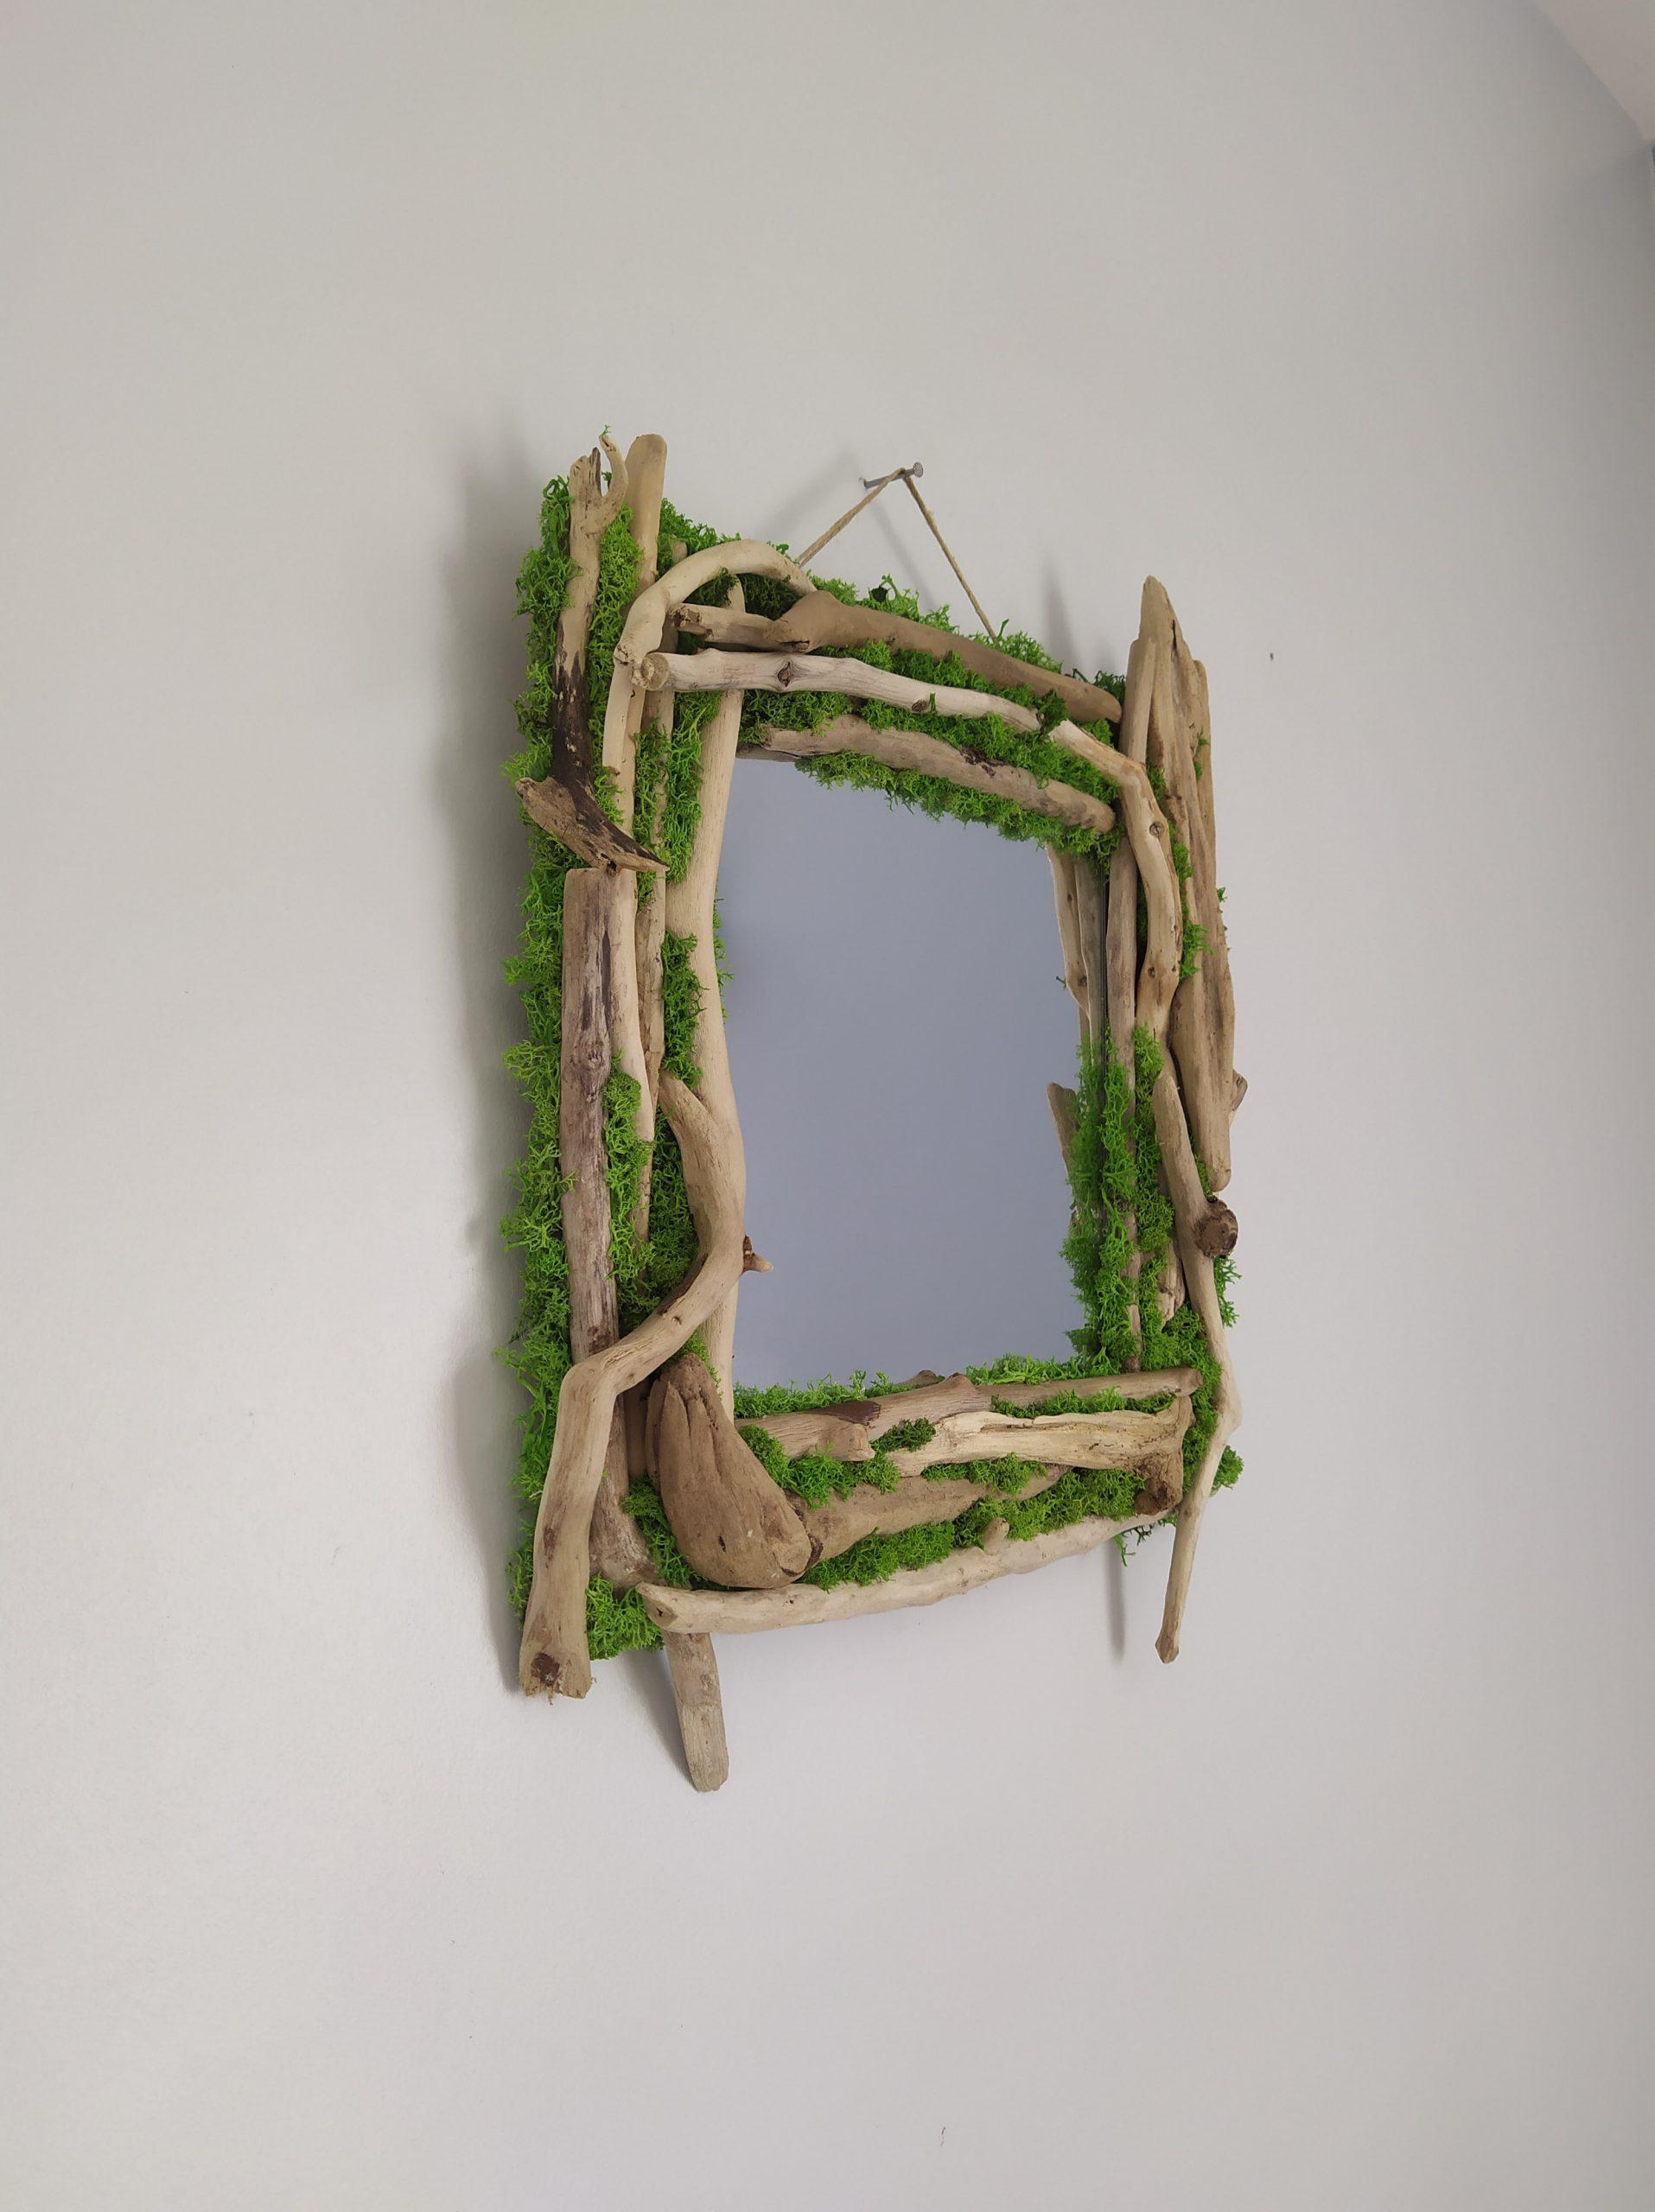 Miroir végétalisé en bois flotté